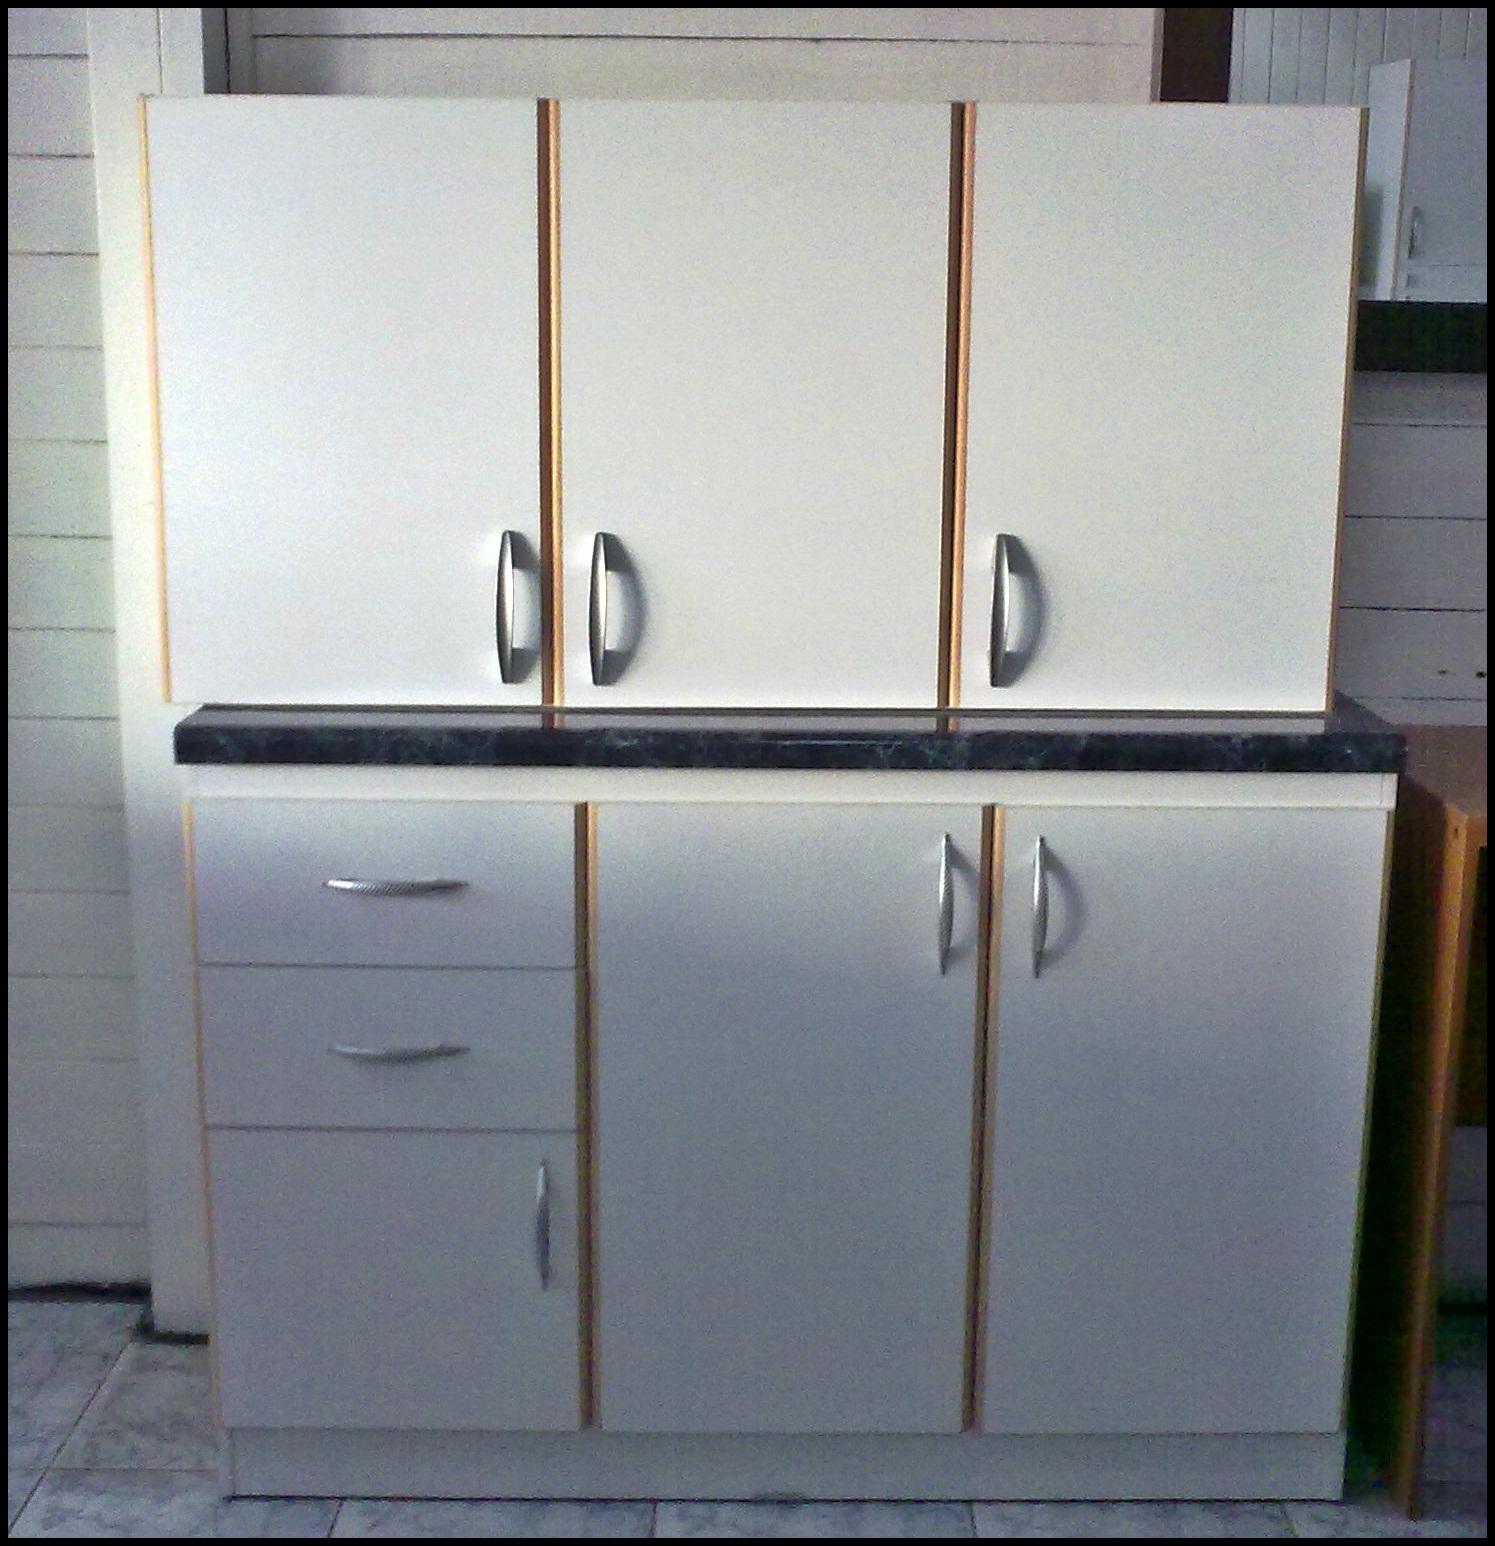 Muebler A Marsol Mueble Cocina Completo # Muebles Dimensionados